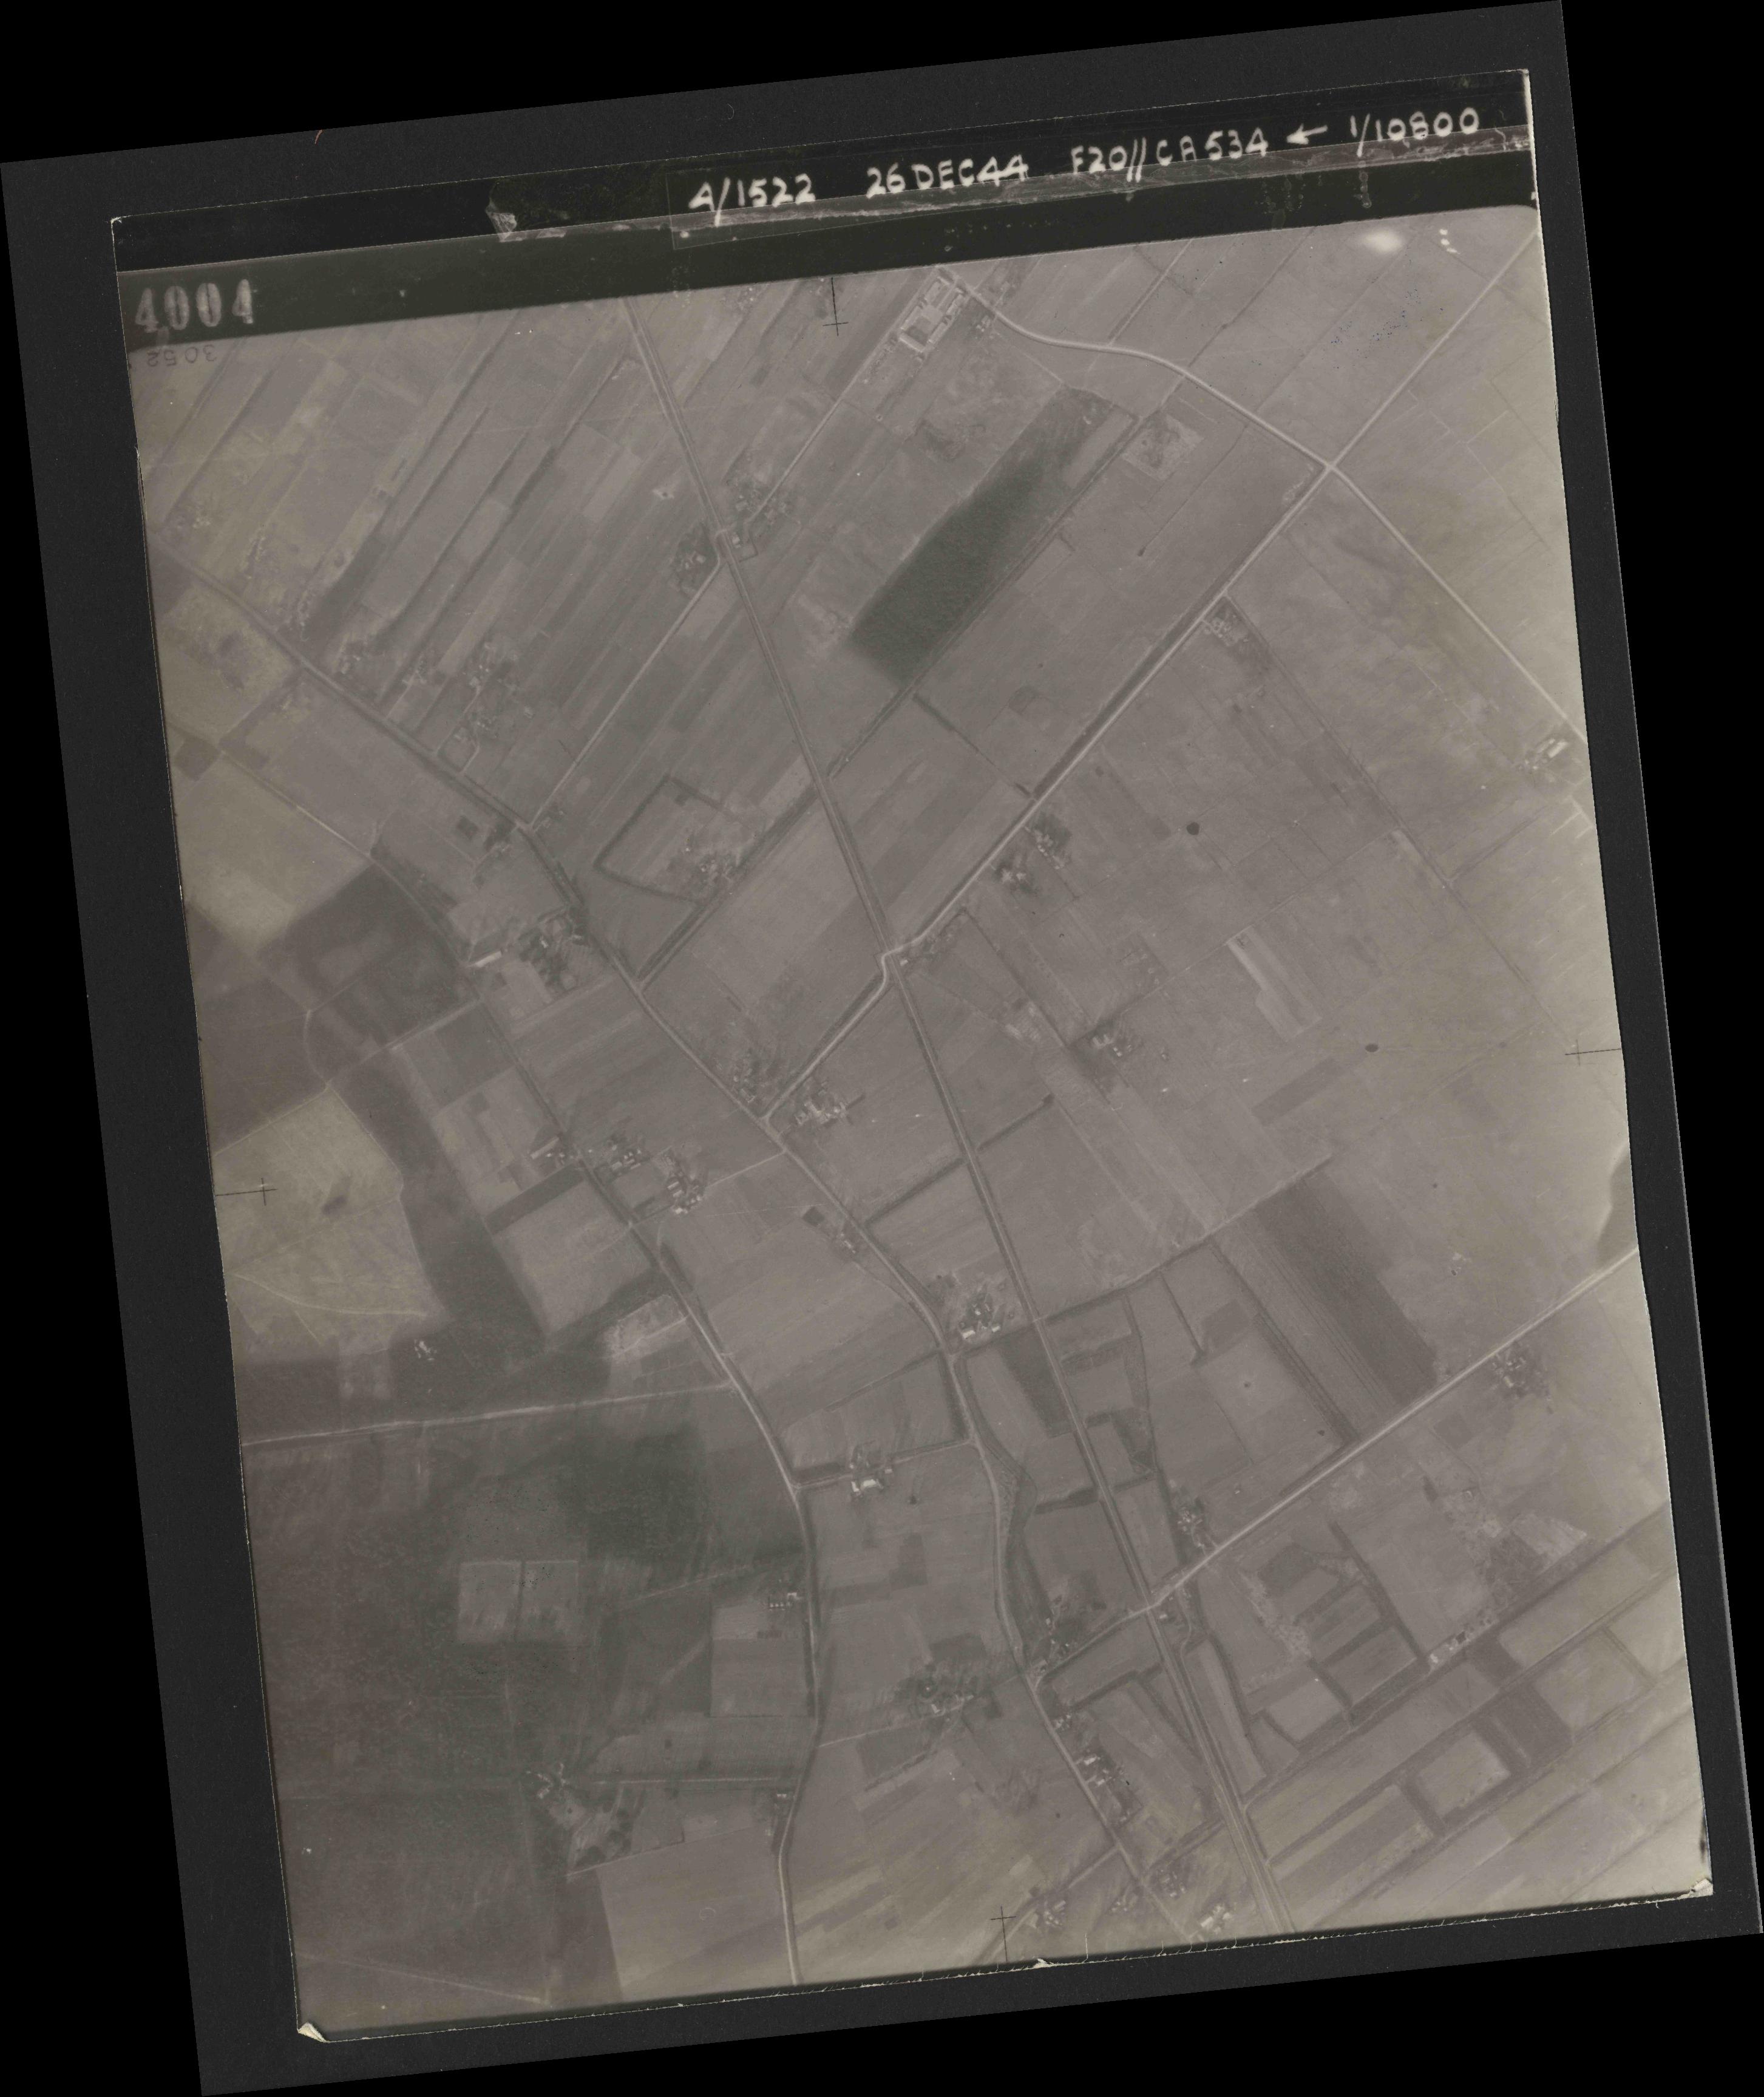 Collection RAF aerial photos 1940-1945 - flight 181, run 09, photo 4004